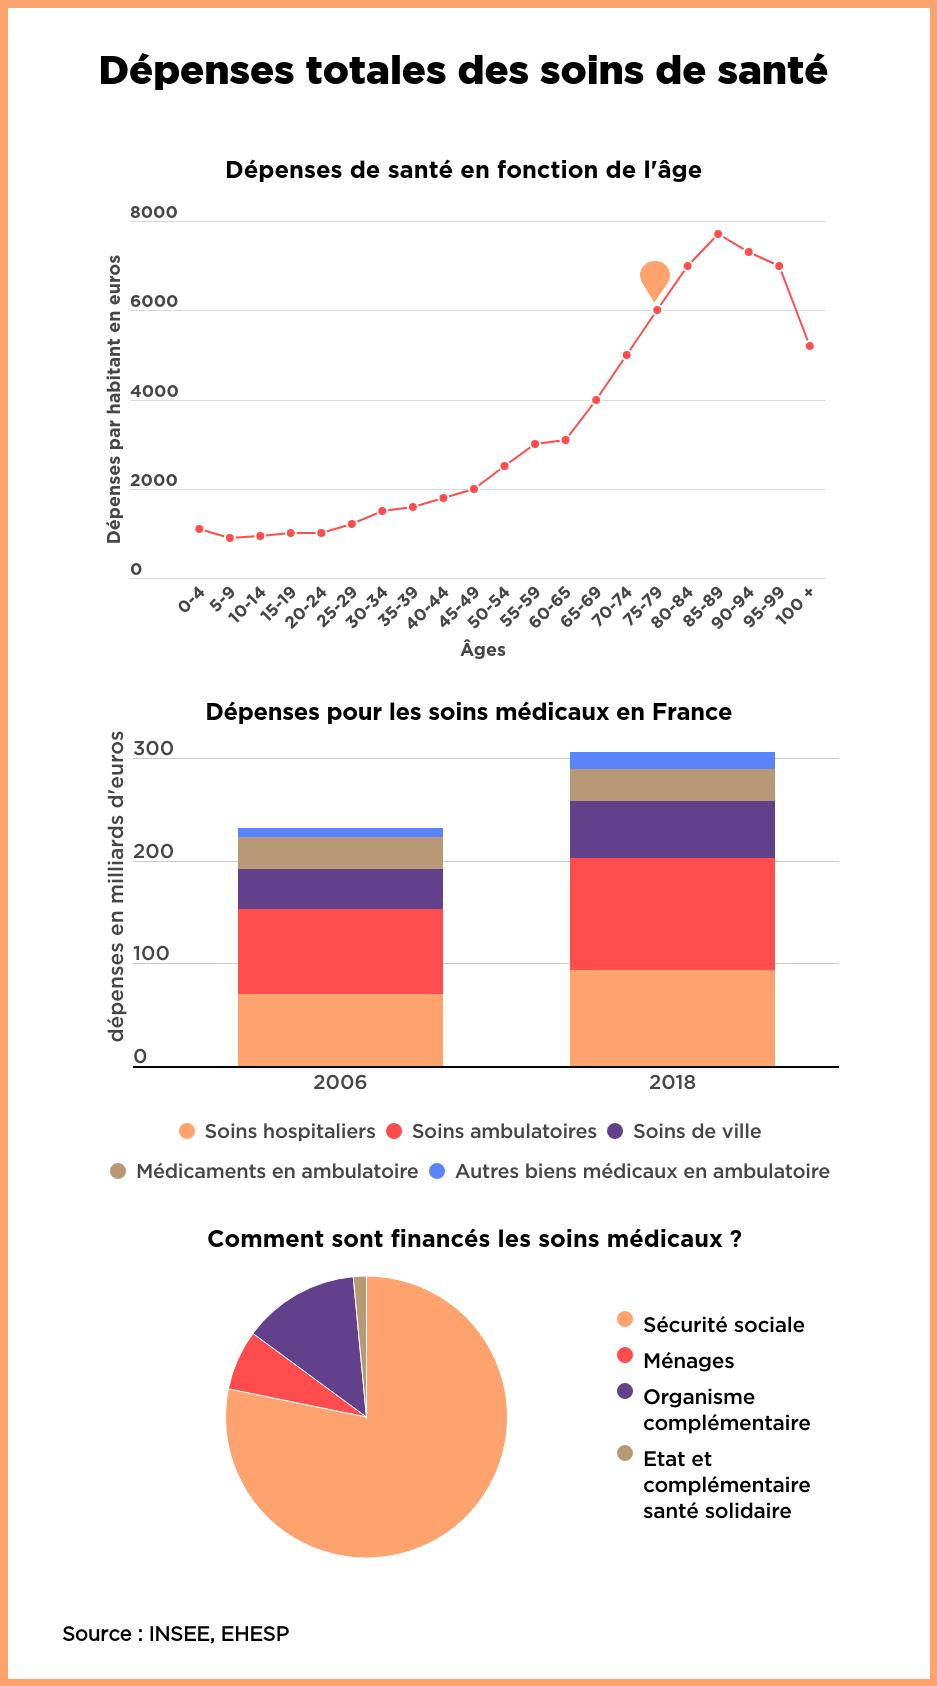 Détails en milliards d'euros des soins en santé et de leurs financements